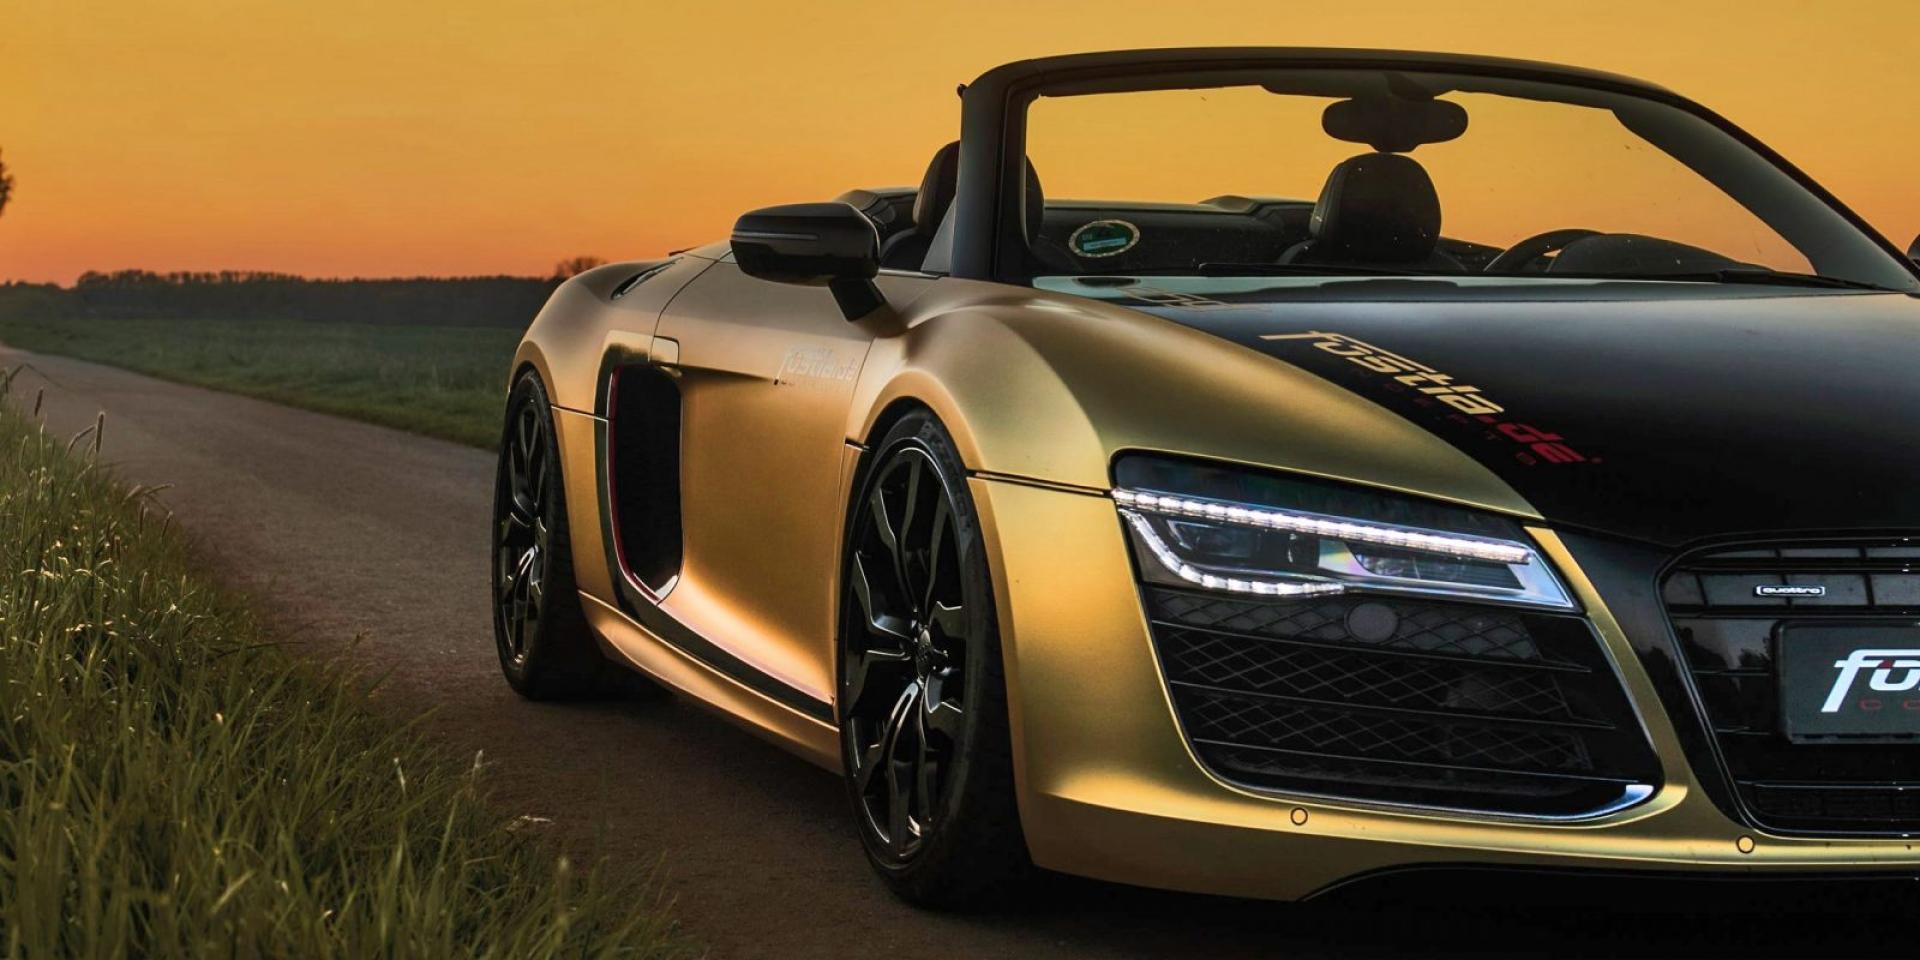 德國Fostla改裝廠 讓Audi R8 V10 Spyder更出色